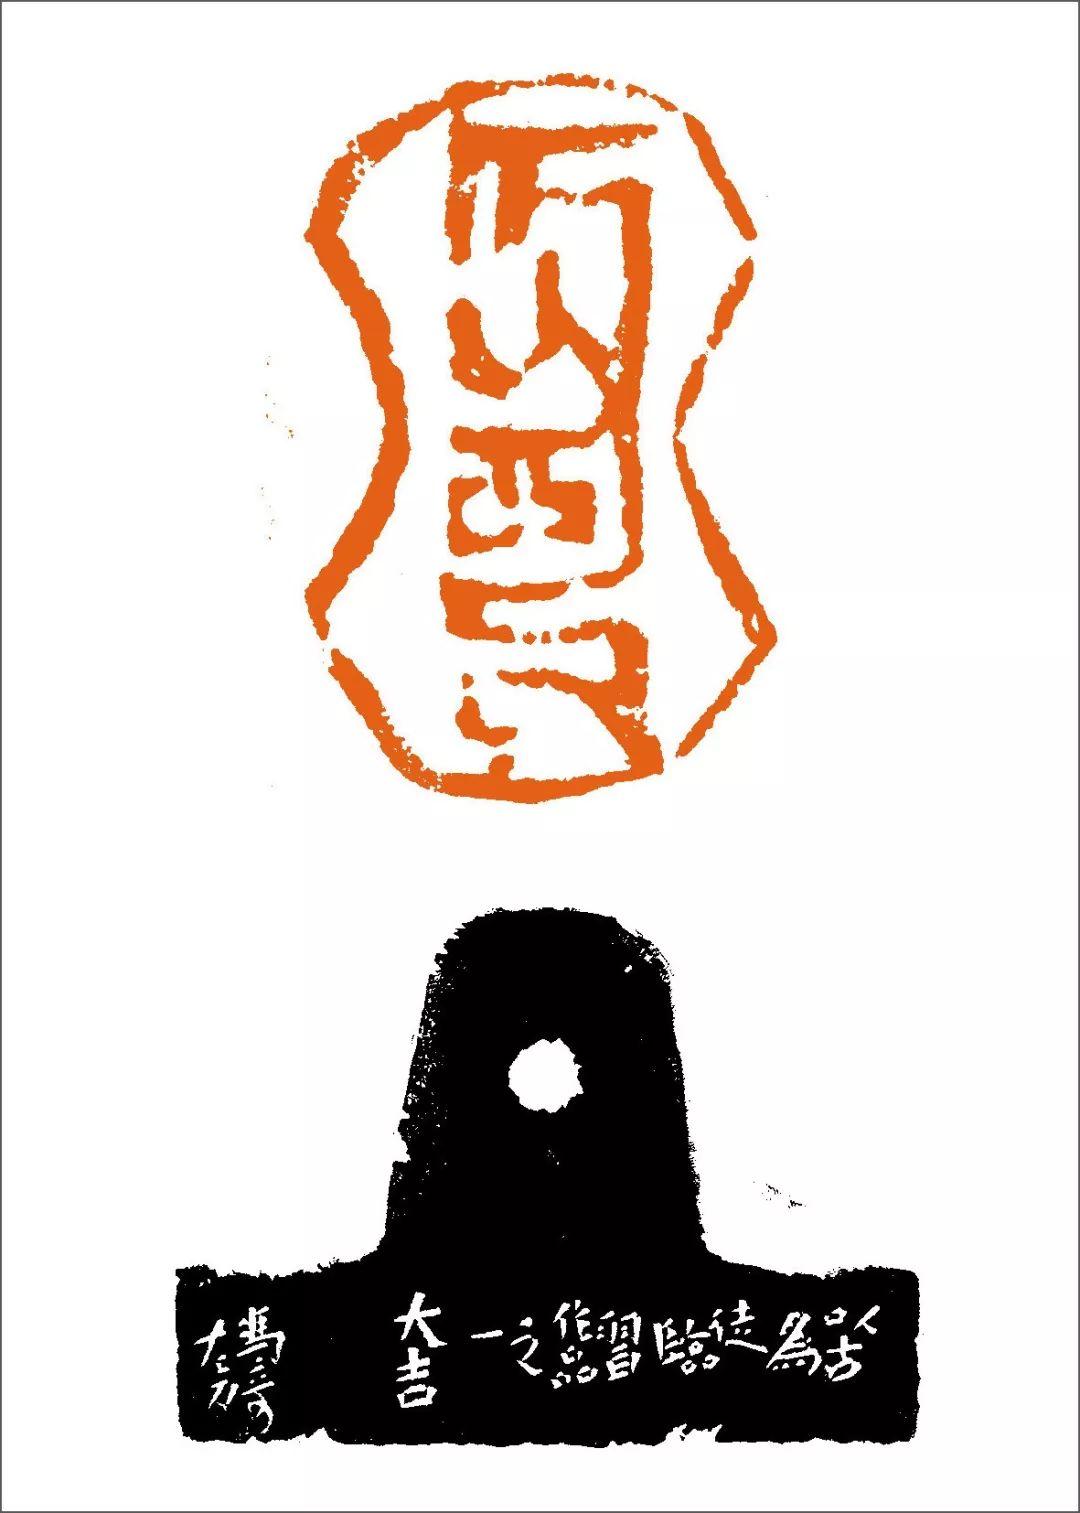 篆刻丛谈:八思巴文篆刻原石赏析 第38张